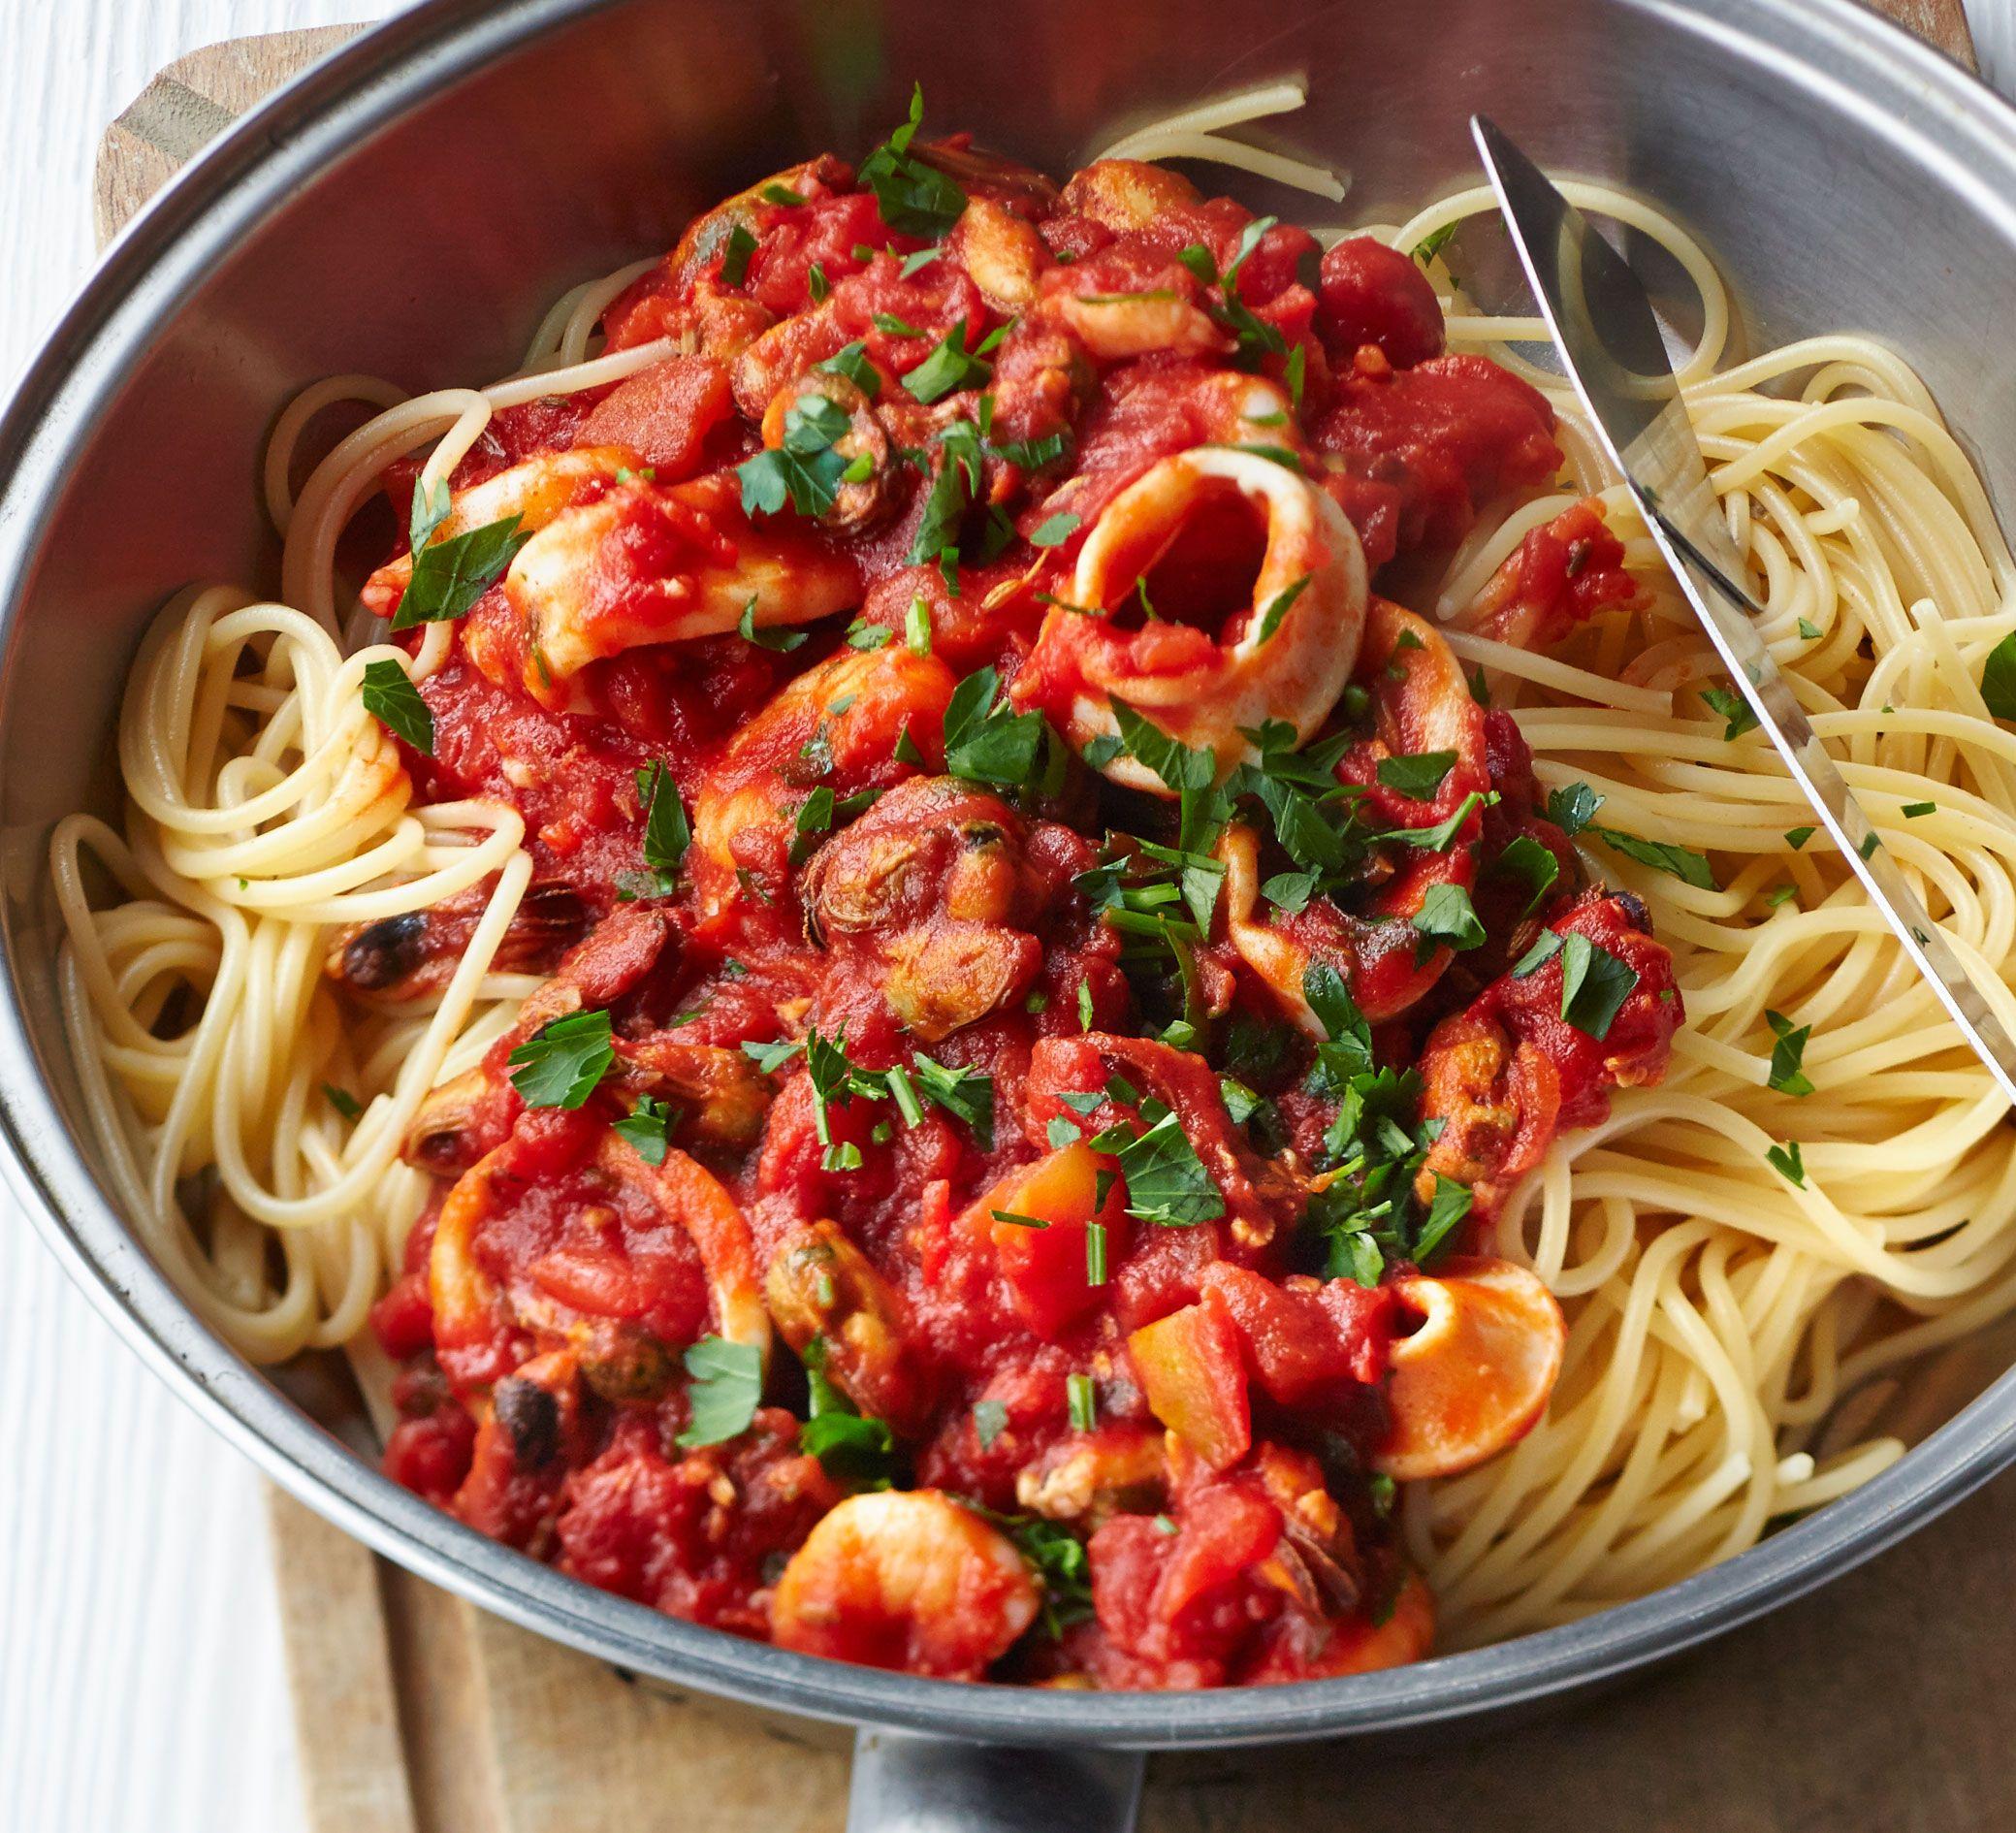 diet spaghetti diet food